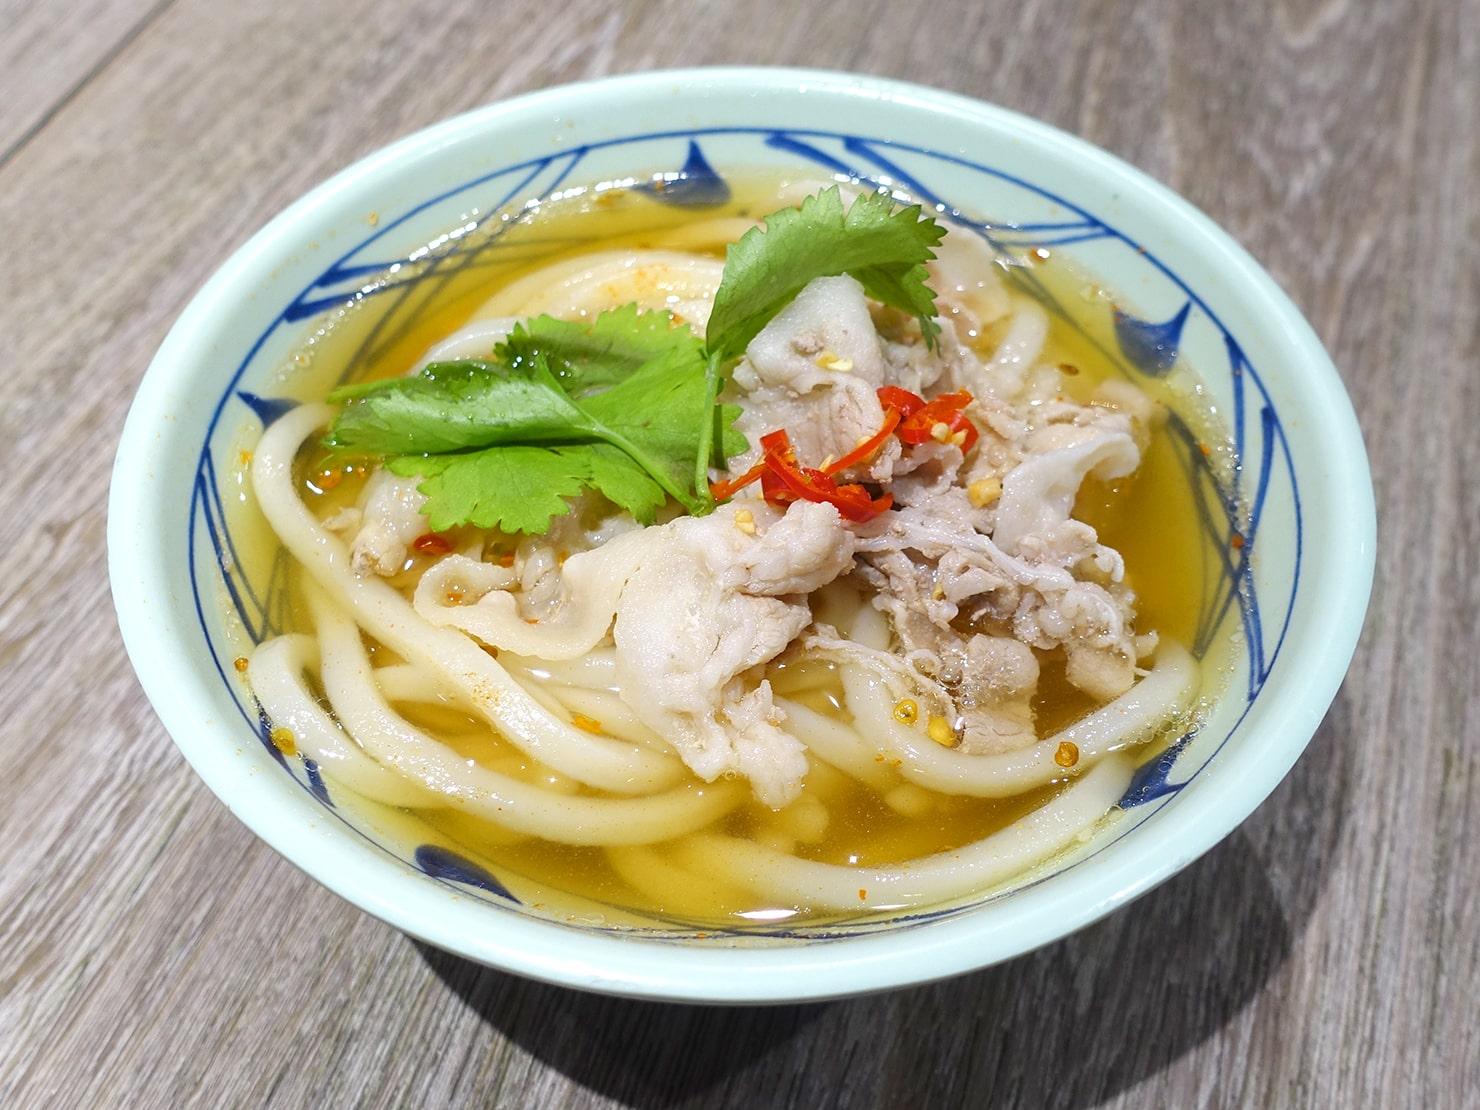 セルフうどんチェーン「丸亀製麺」の台湾限定メニュー・泰式豬肉烏龍麵(タイ風スパイシーポークうどん)